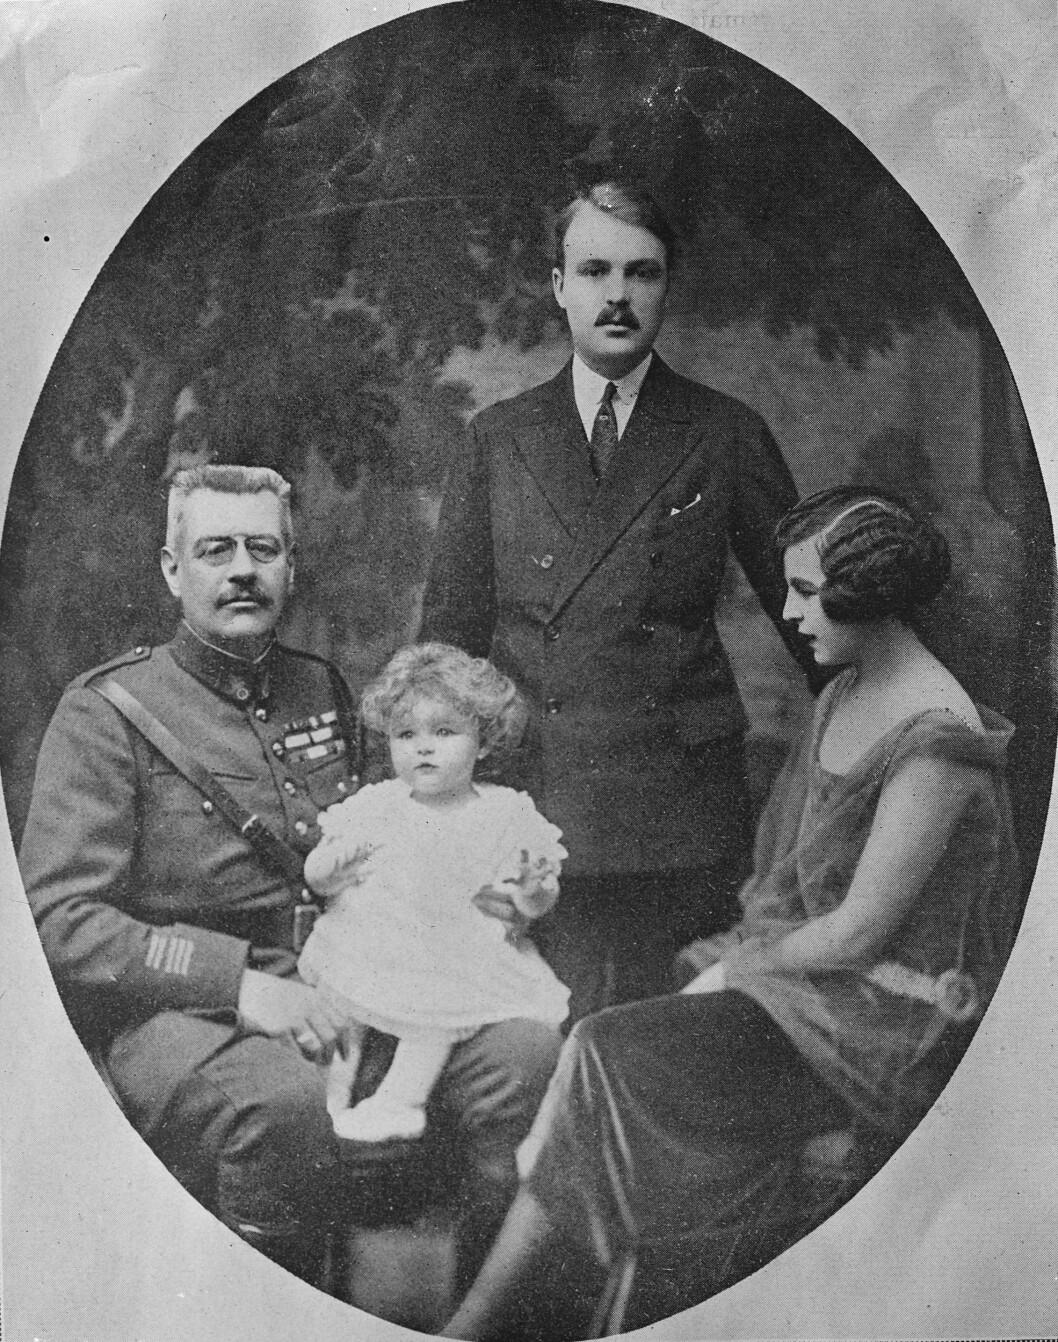 <strong>FYRSTEFAMILIEN:</strong> Louis II av Monaco fikk datteren prinsesse Charlotte (t.h.) utenfor ekteskap, men en spesiell klausul sørget for at han fikk adoptert henne og hennes sønn, prins Rainier (på prins Louis' fang) ble tronfølger. Bak står Rainiers far, grev Pierre av Polignac. Dette bildet er tatt på begynnelsen av 1920-tallet. Rainier ble født i 1923. Foto: NTB Scanpix